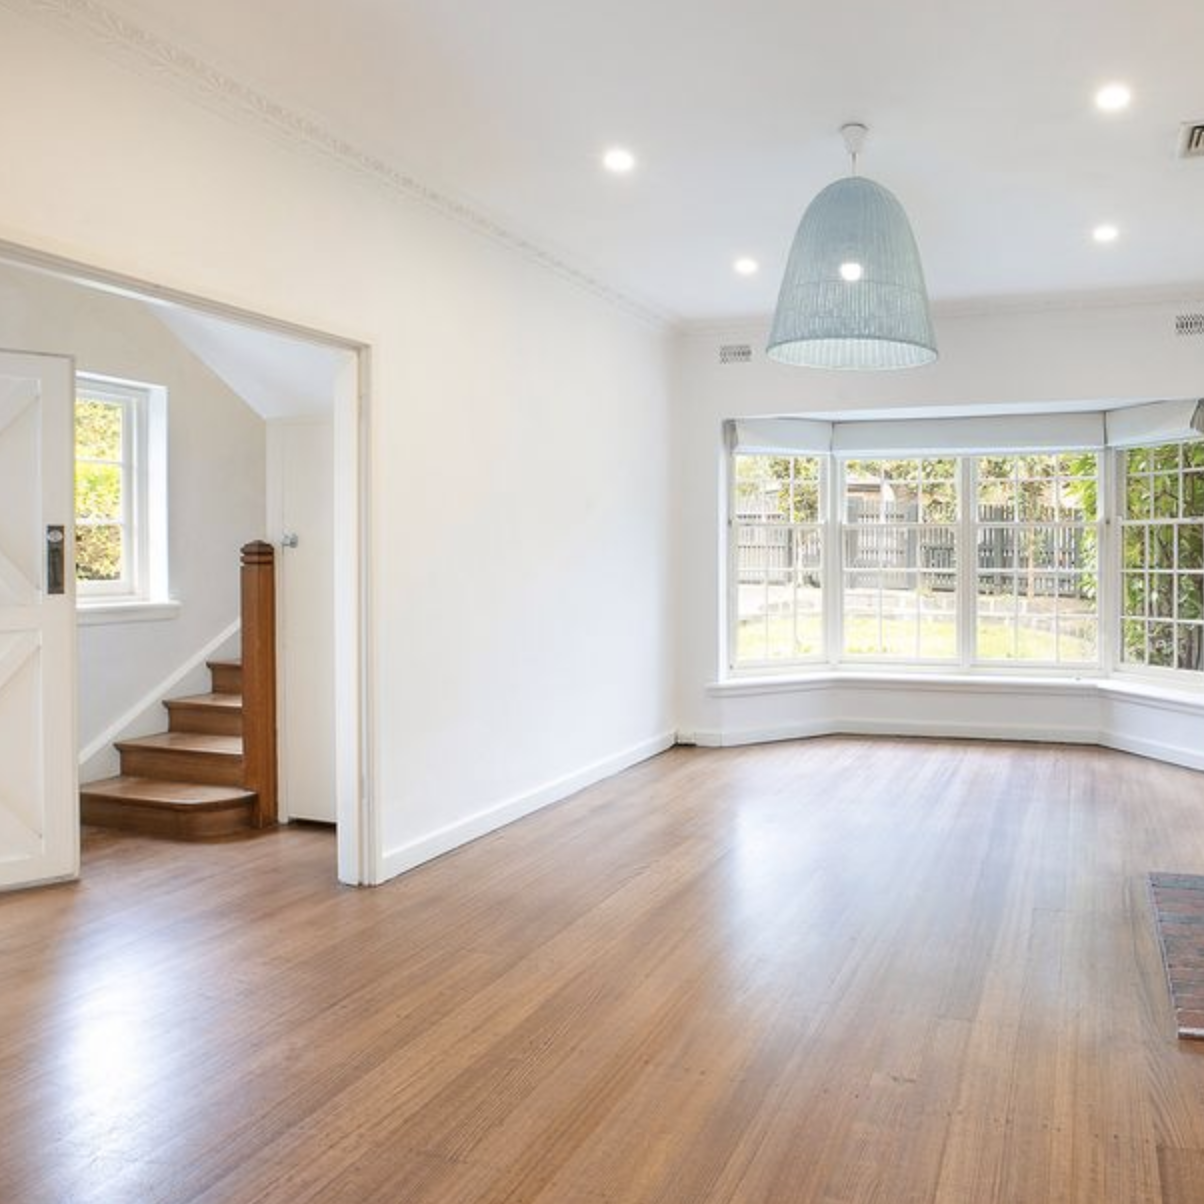 Ferienhaus  (2782212), Burwood, , Victoria, Australien, Bild 6